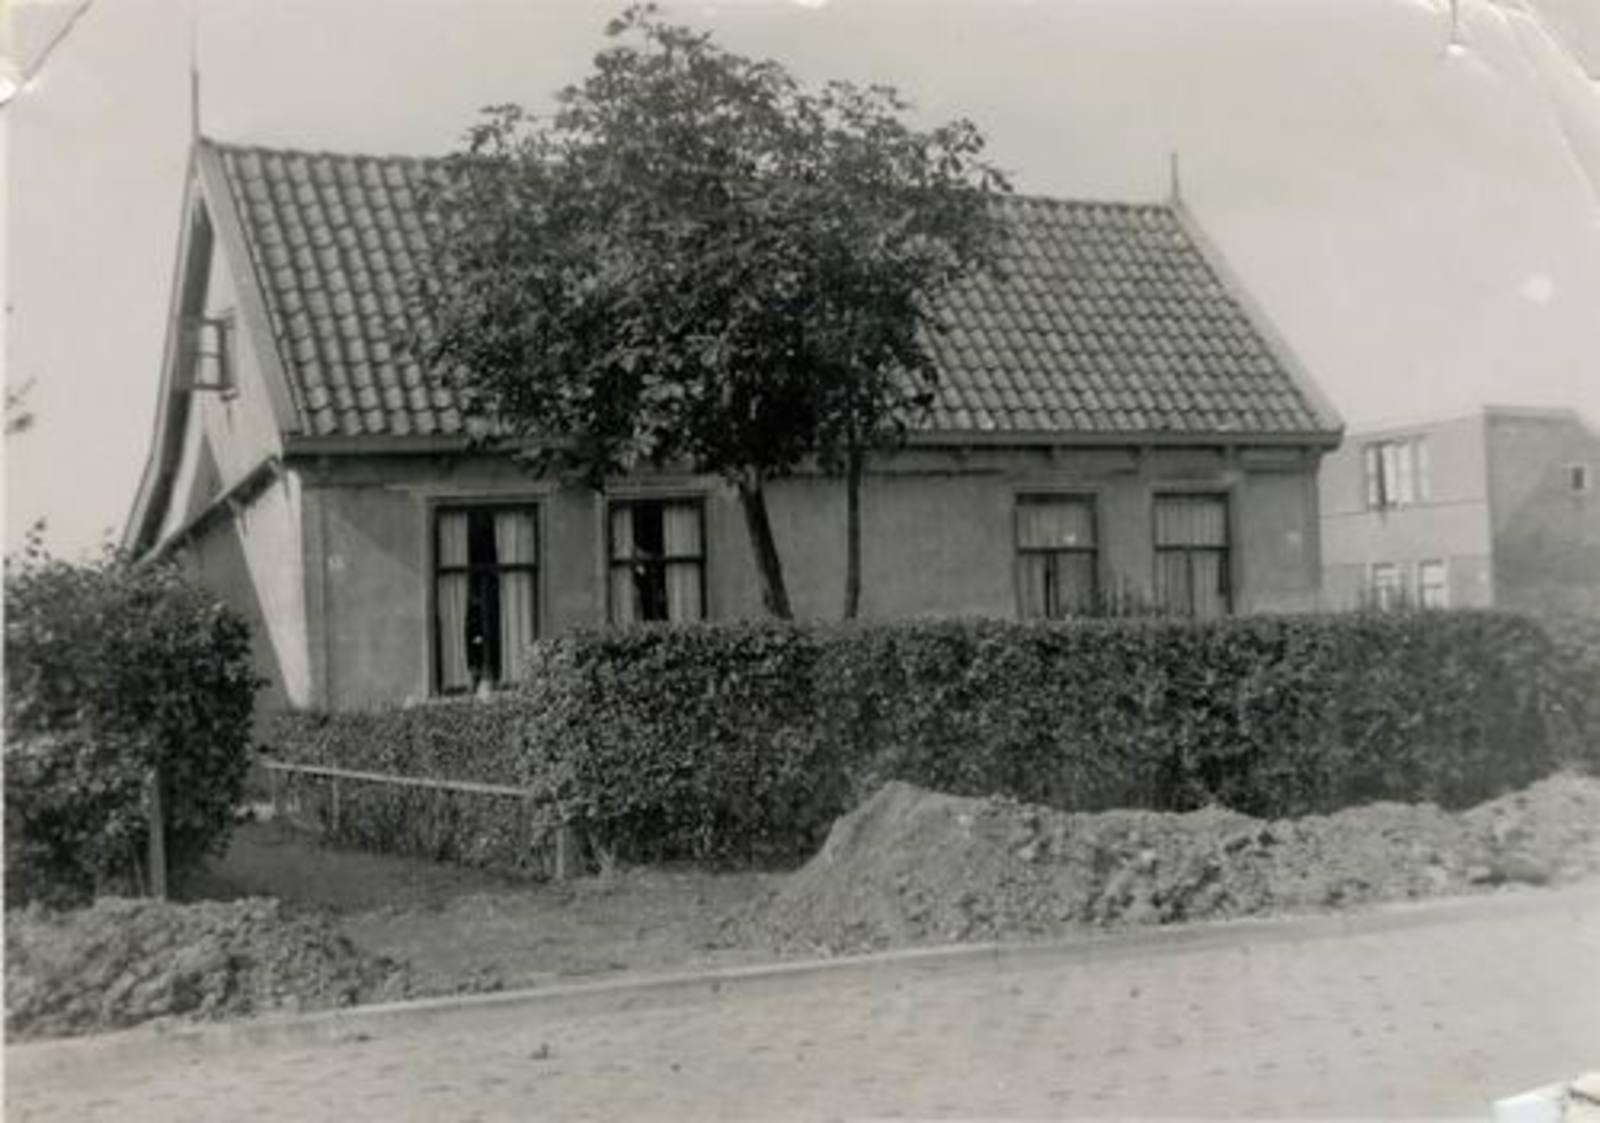 Concourslaan Z 0031-33 Huize Gerrit Dekker_2